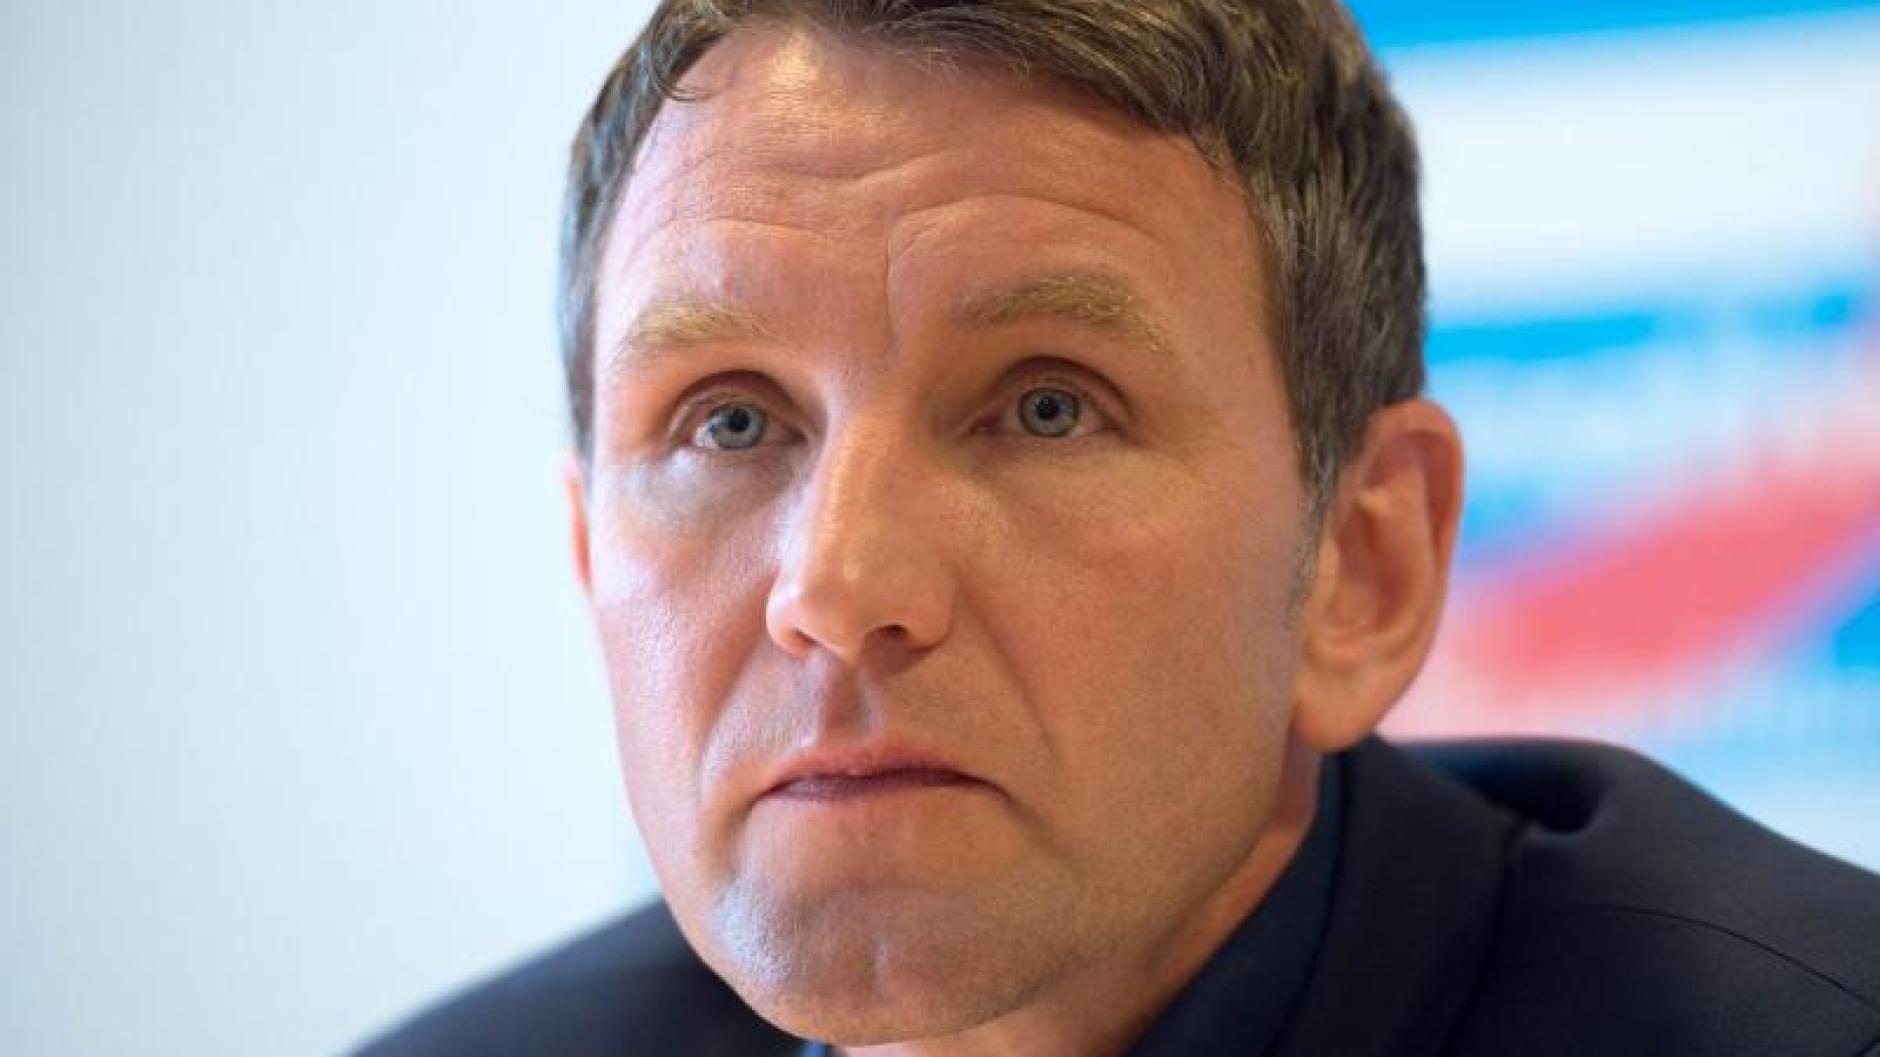 AfD: Hessen will AfD-Mann Höcke nicht zurück in